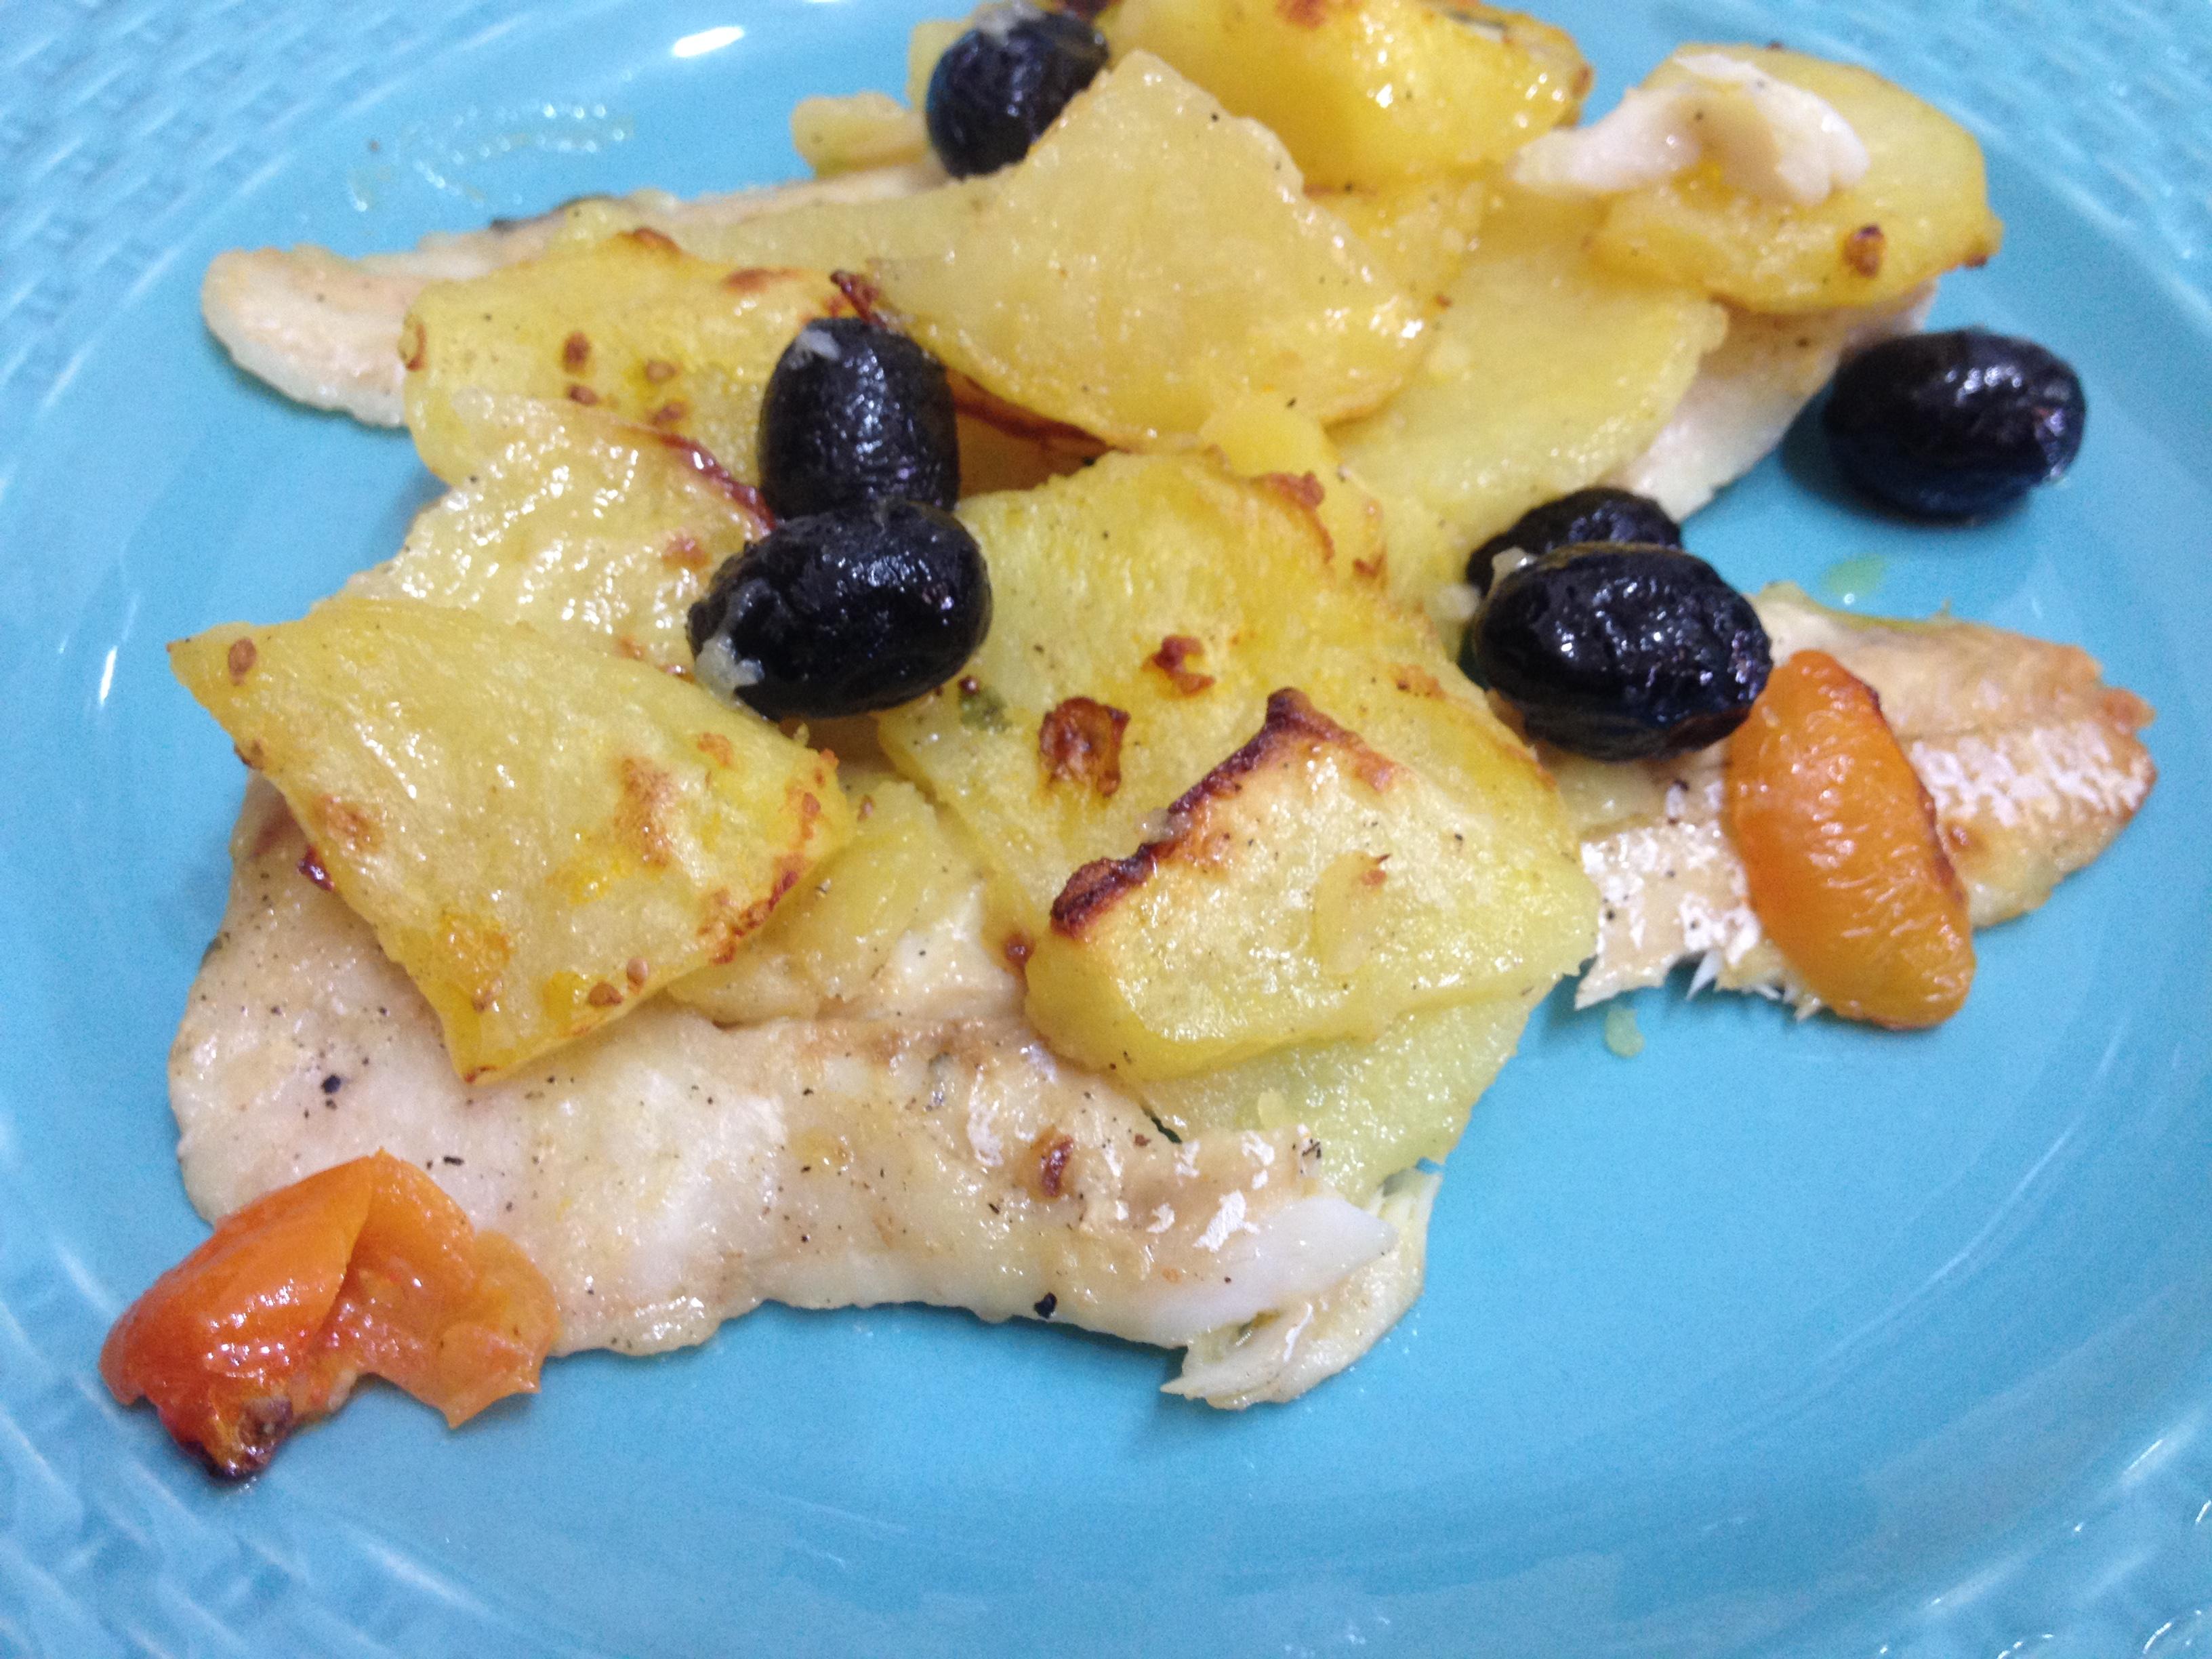 MERLUZZO AL FORNO CON PATATE OLIVE E POMODORINI - 香烤鱈魚菲力附馬鈴薯和橄欖